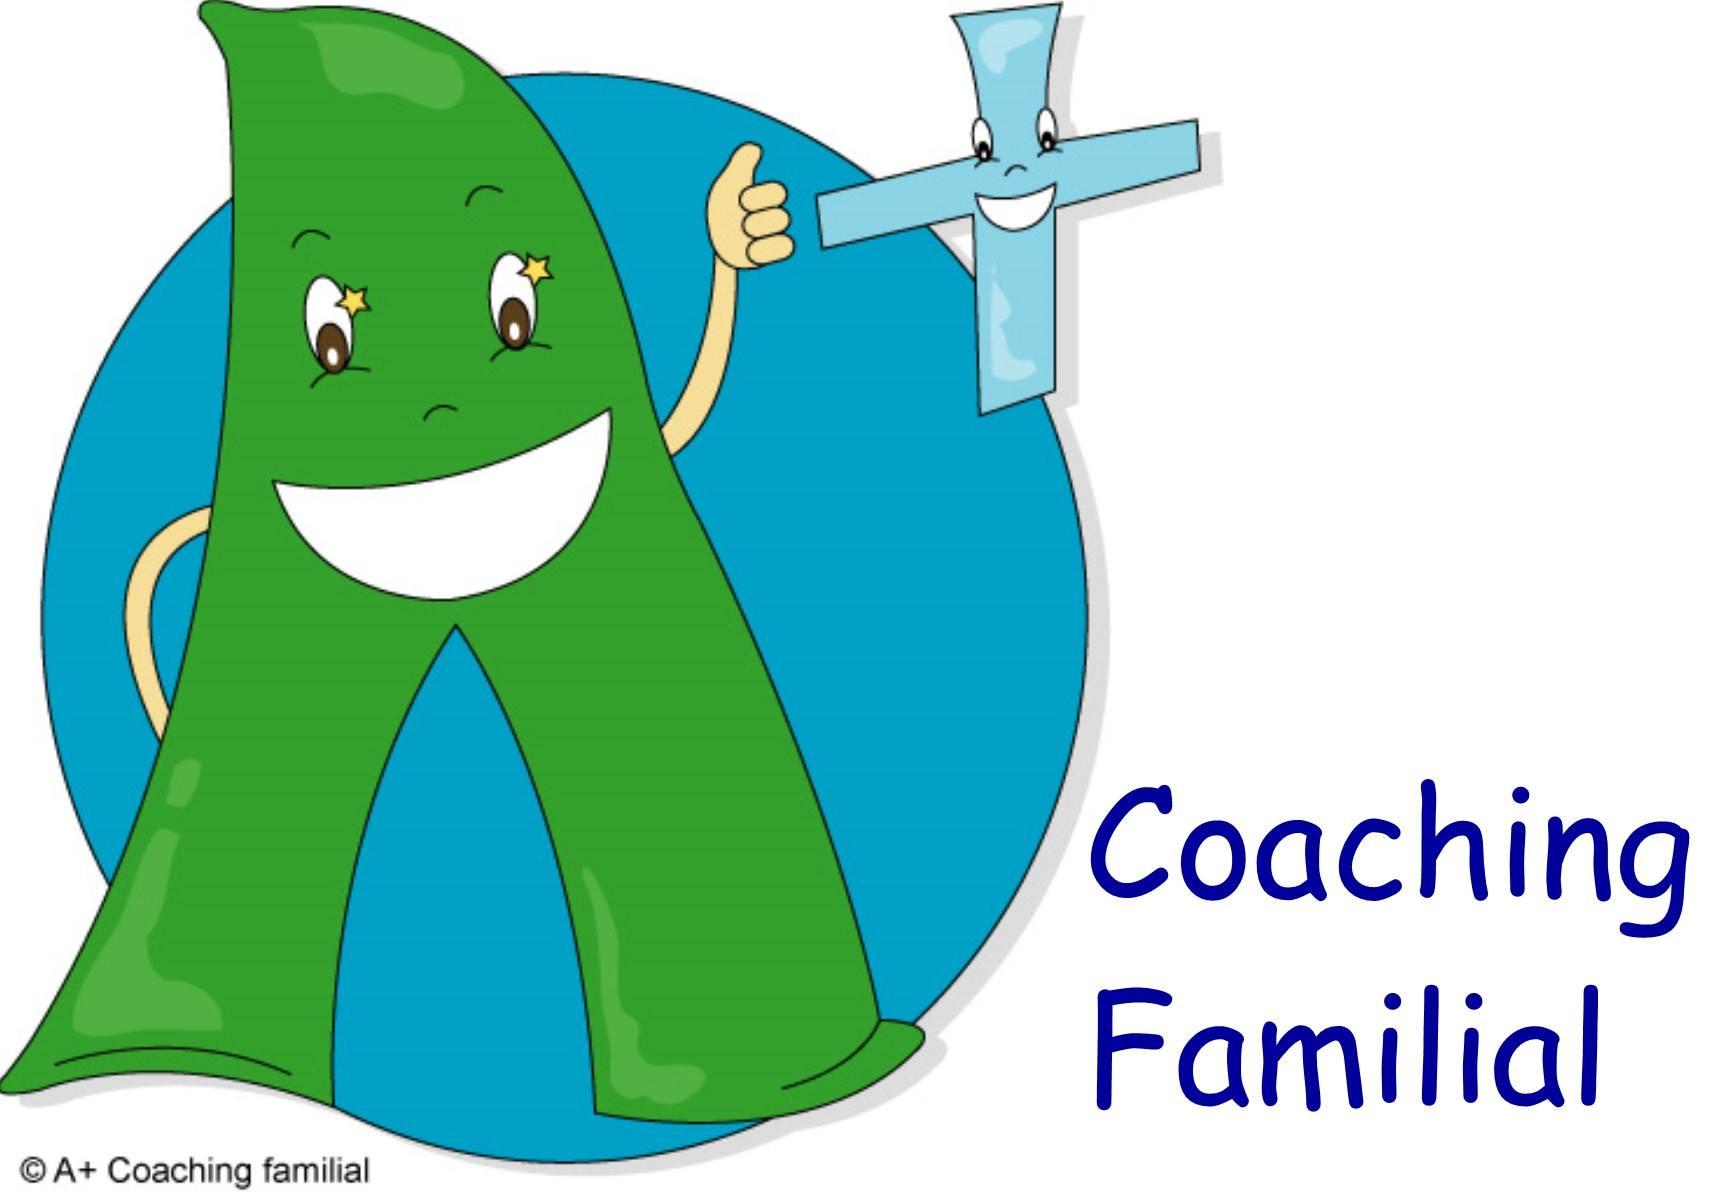 A+ Coaching Familial